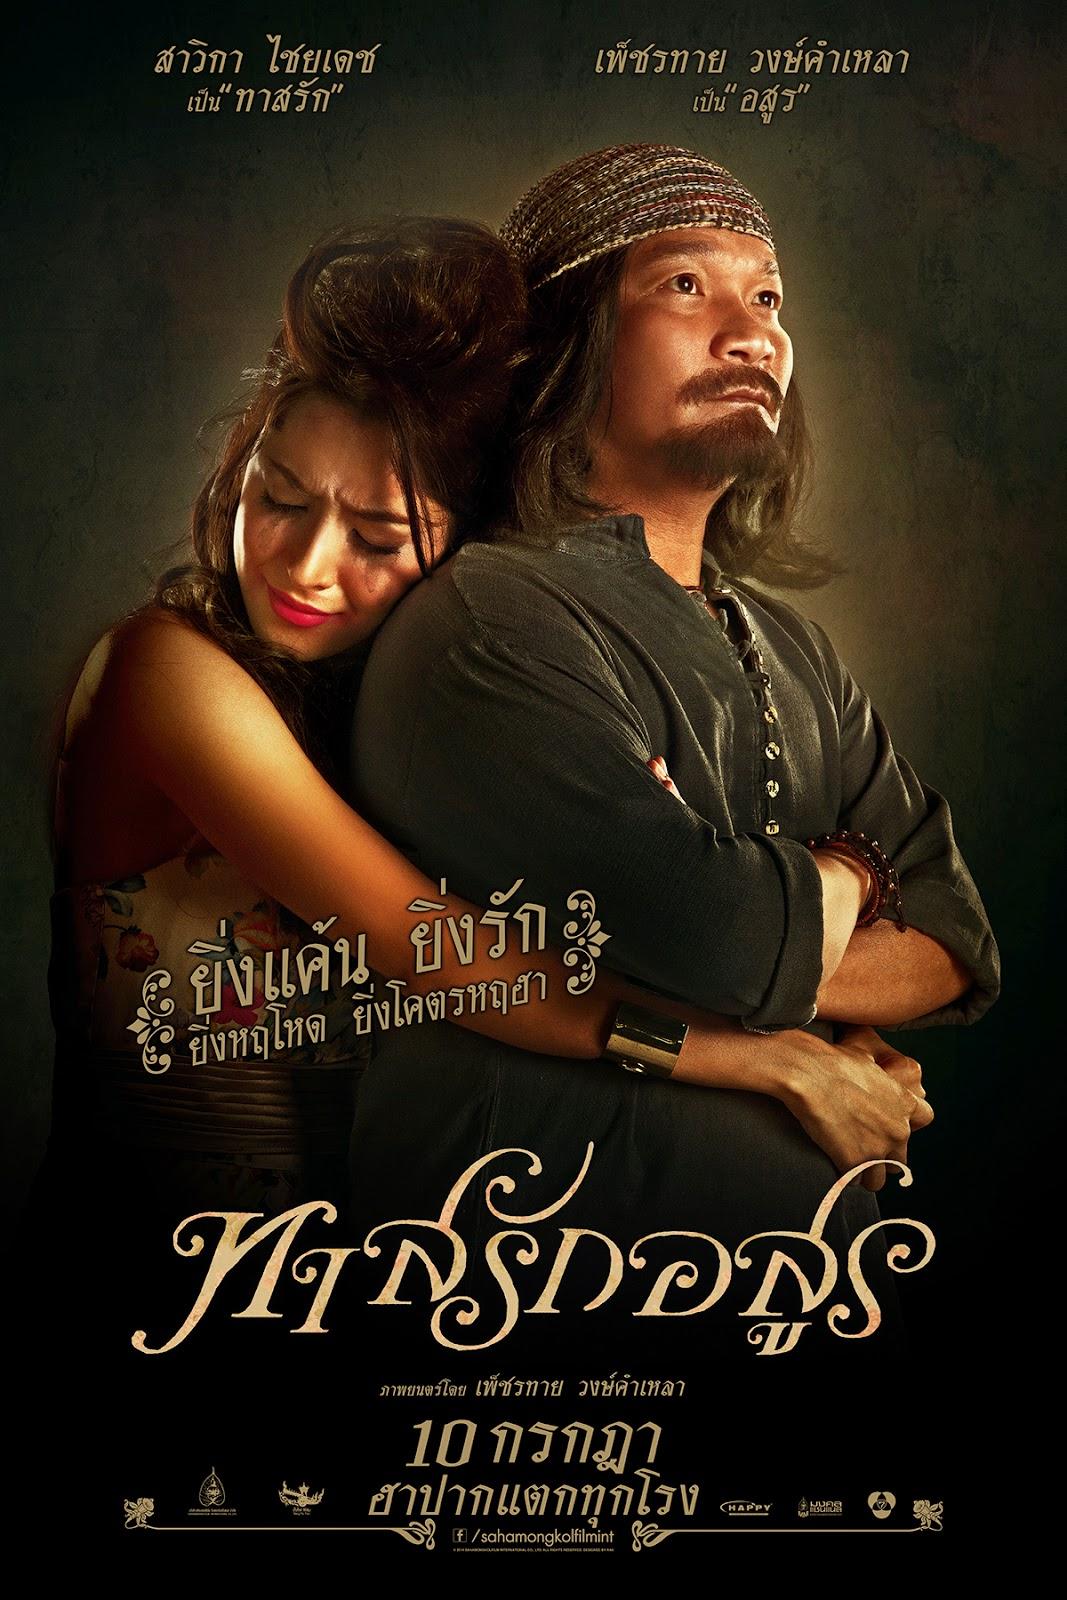 ดูหนัง Tas Rak Asoon - ทาสรักอสูร